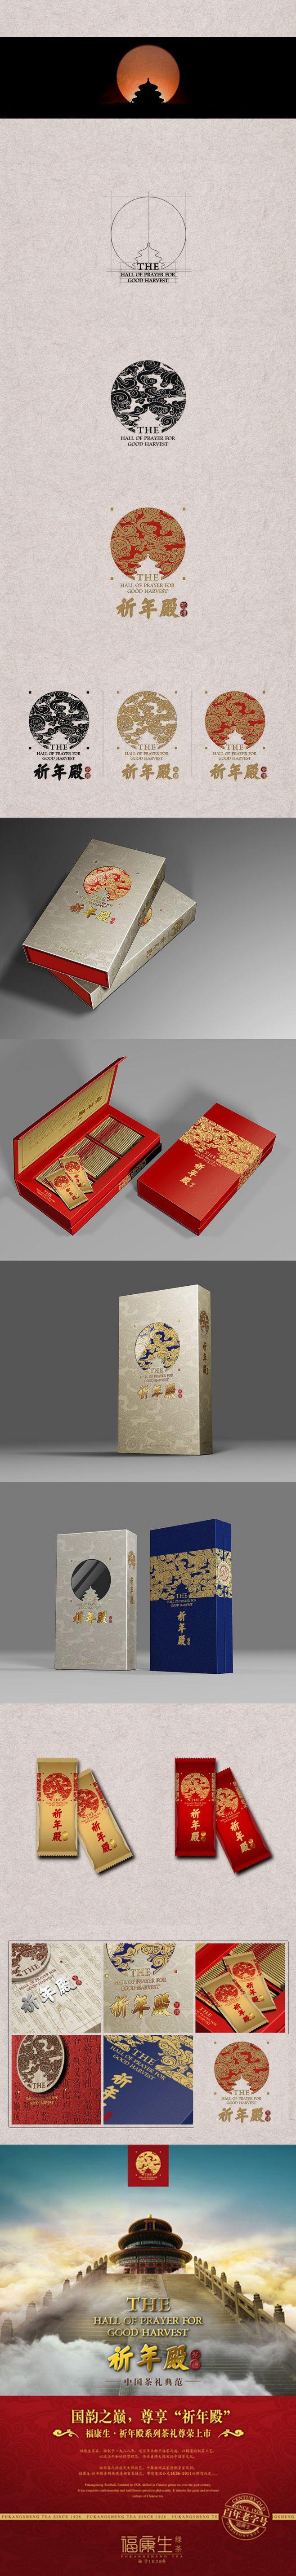 湖北福康生茶业 祈年殿系列茶礼产品设计@七言设计采集到包装(695图)_花瓣平面设计